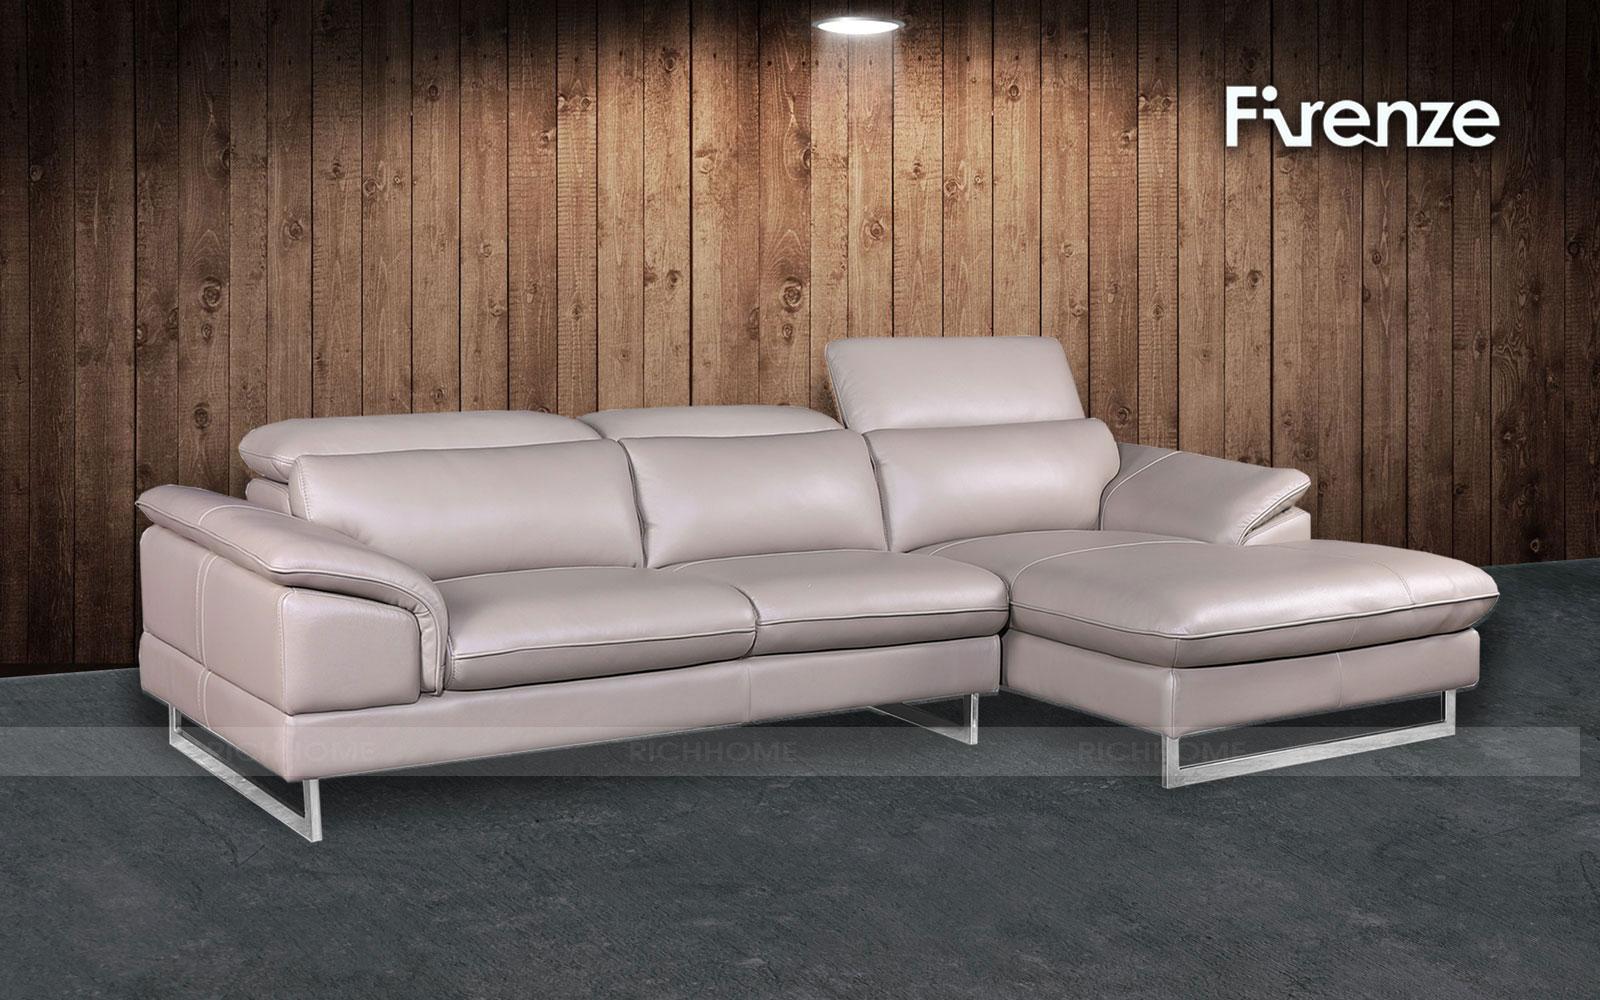 SOFA DA BÒ - FIRENZE MODEL 8507-L